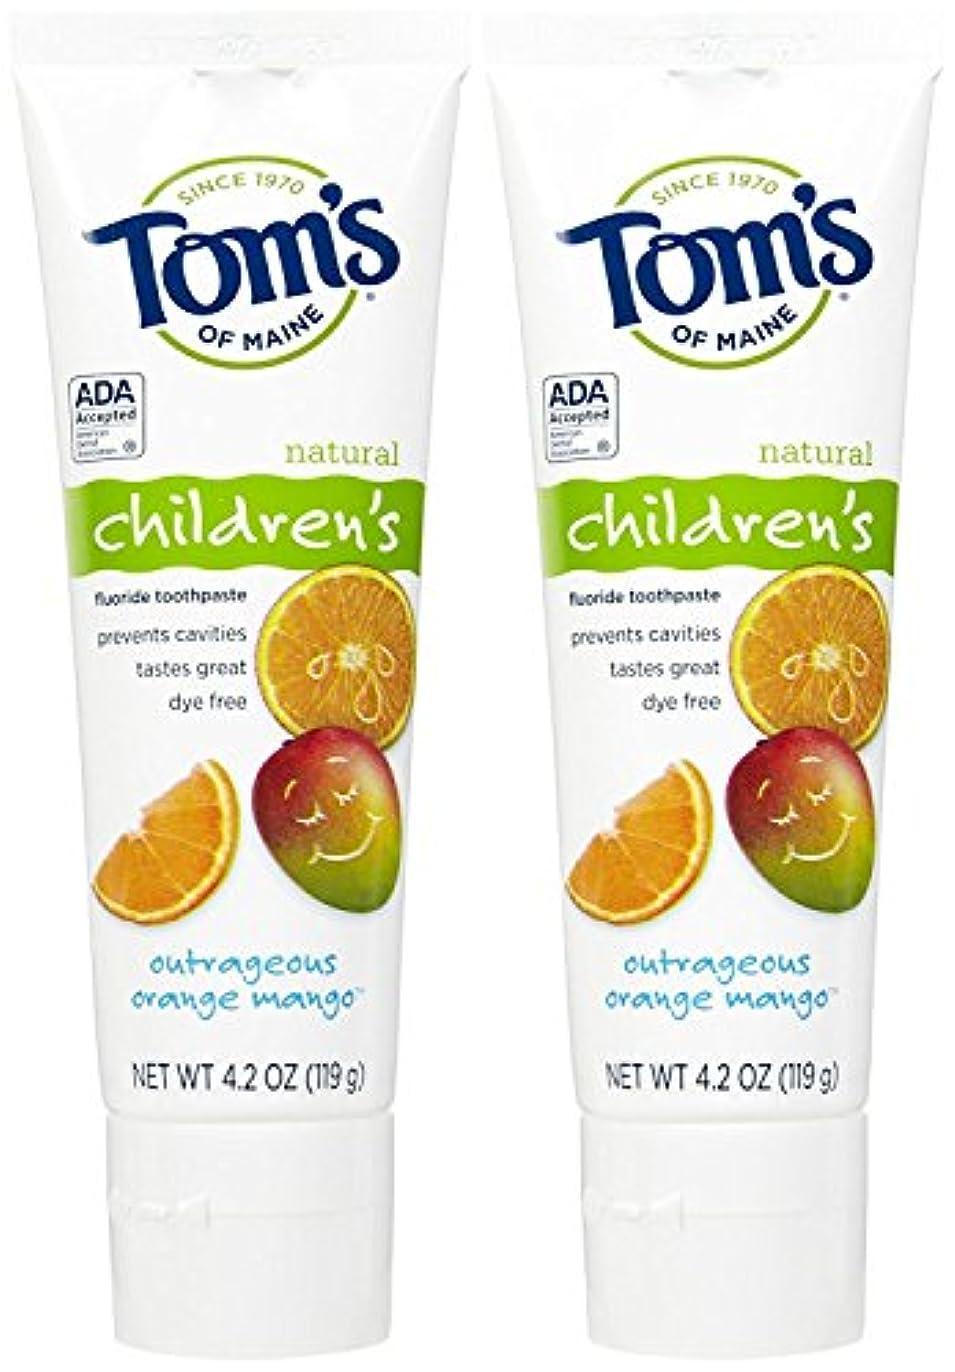 退屈トライアスリート痛いTom's of Maine Anticavity Fluoride Children's Toothpaste, Outrageous Orange-Mango - 4.2 oz - 2 pk by Tom's of...